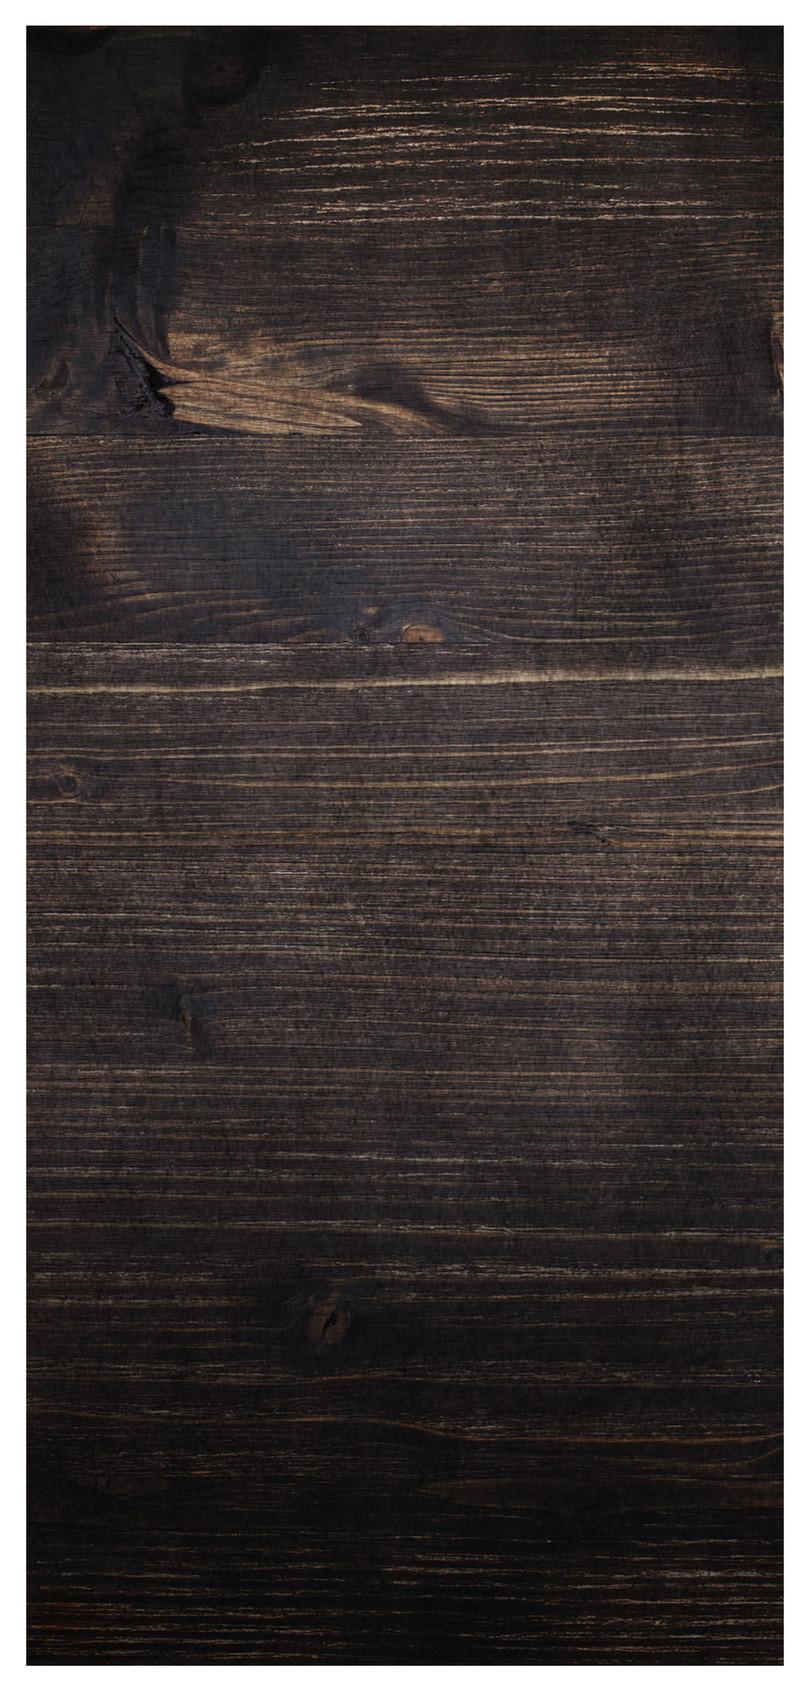 黒い木の背景モバイル壁紙イメージ 背景 Id 400455036 Prf画像